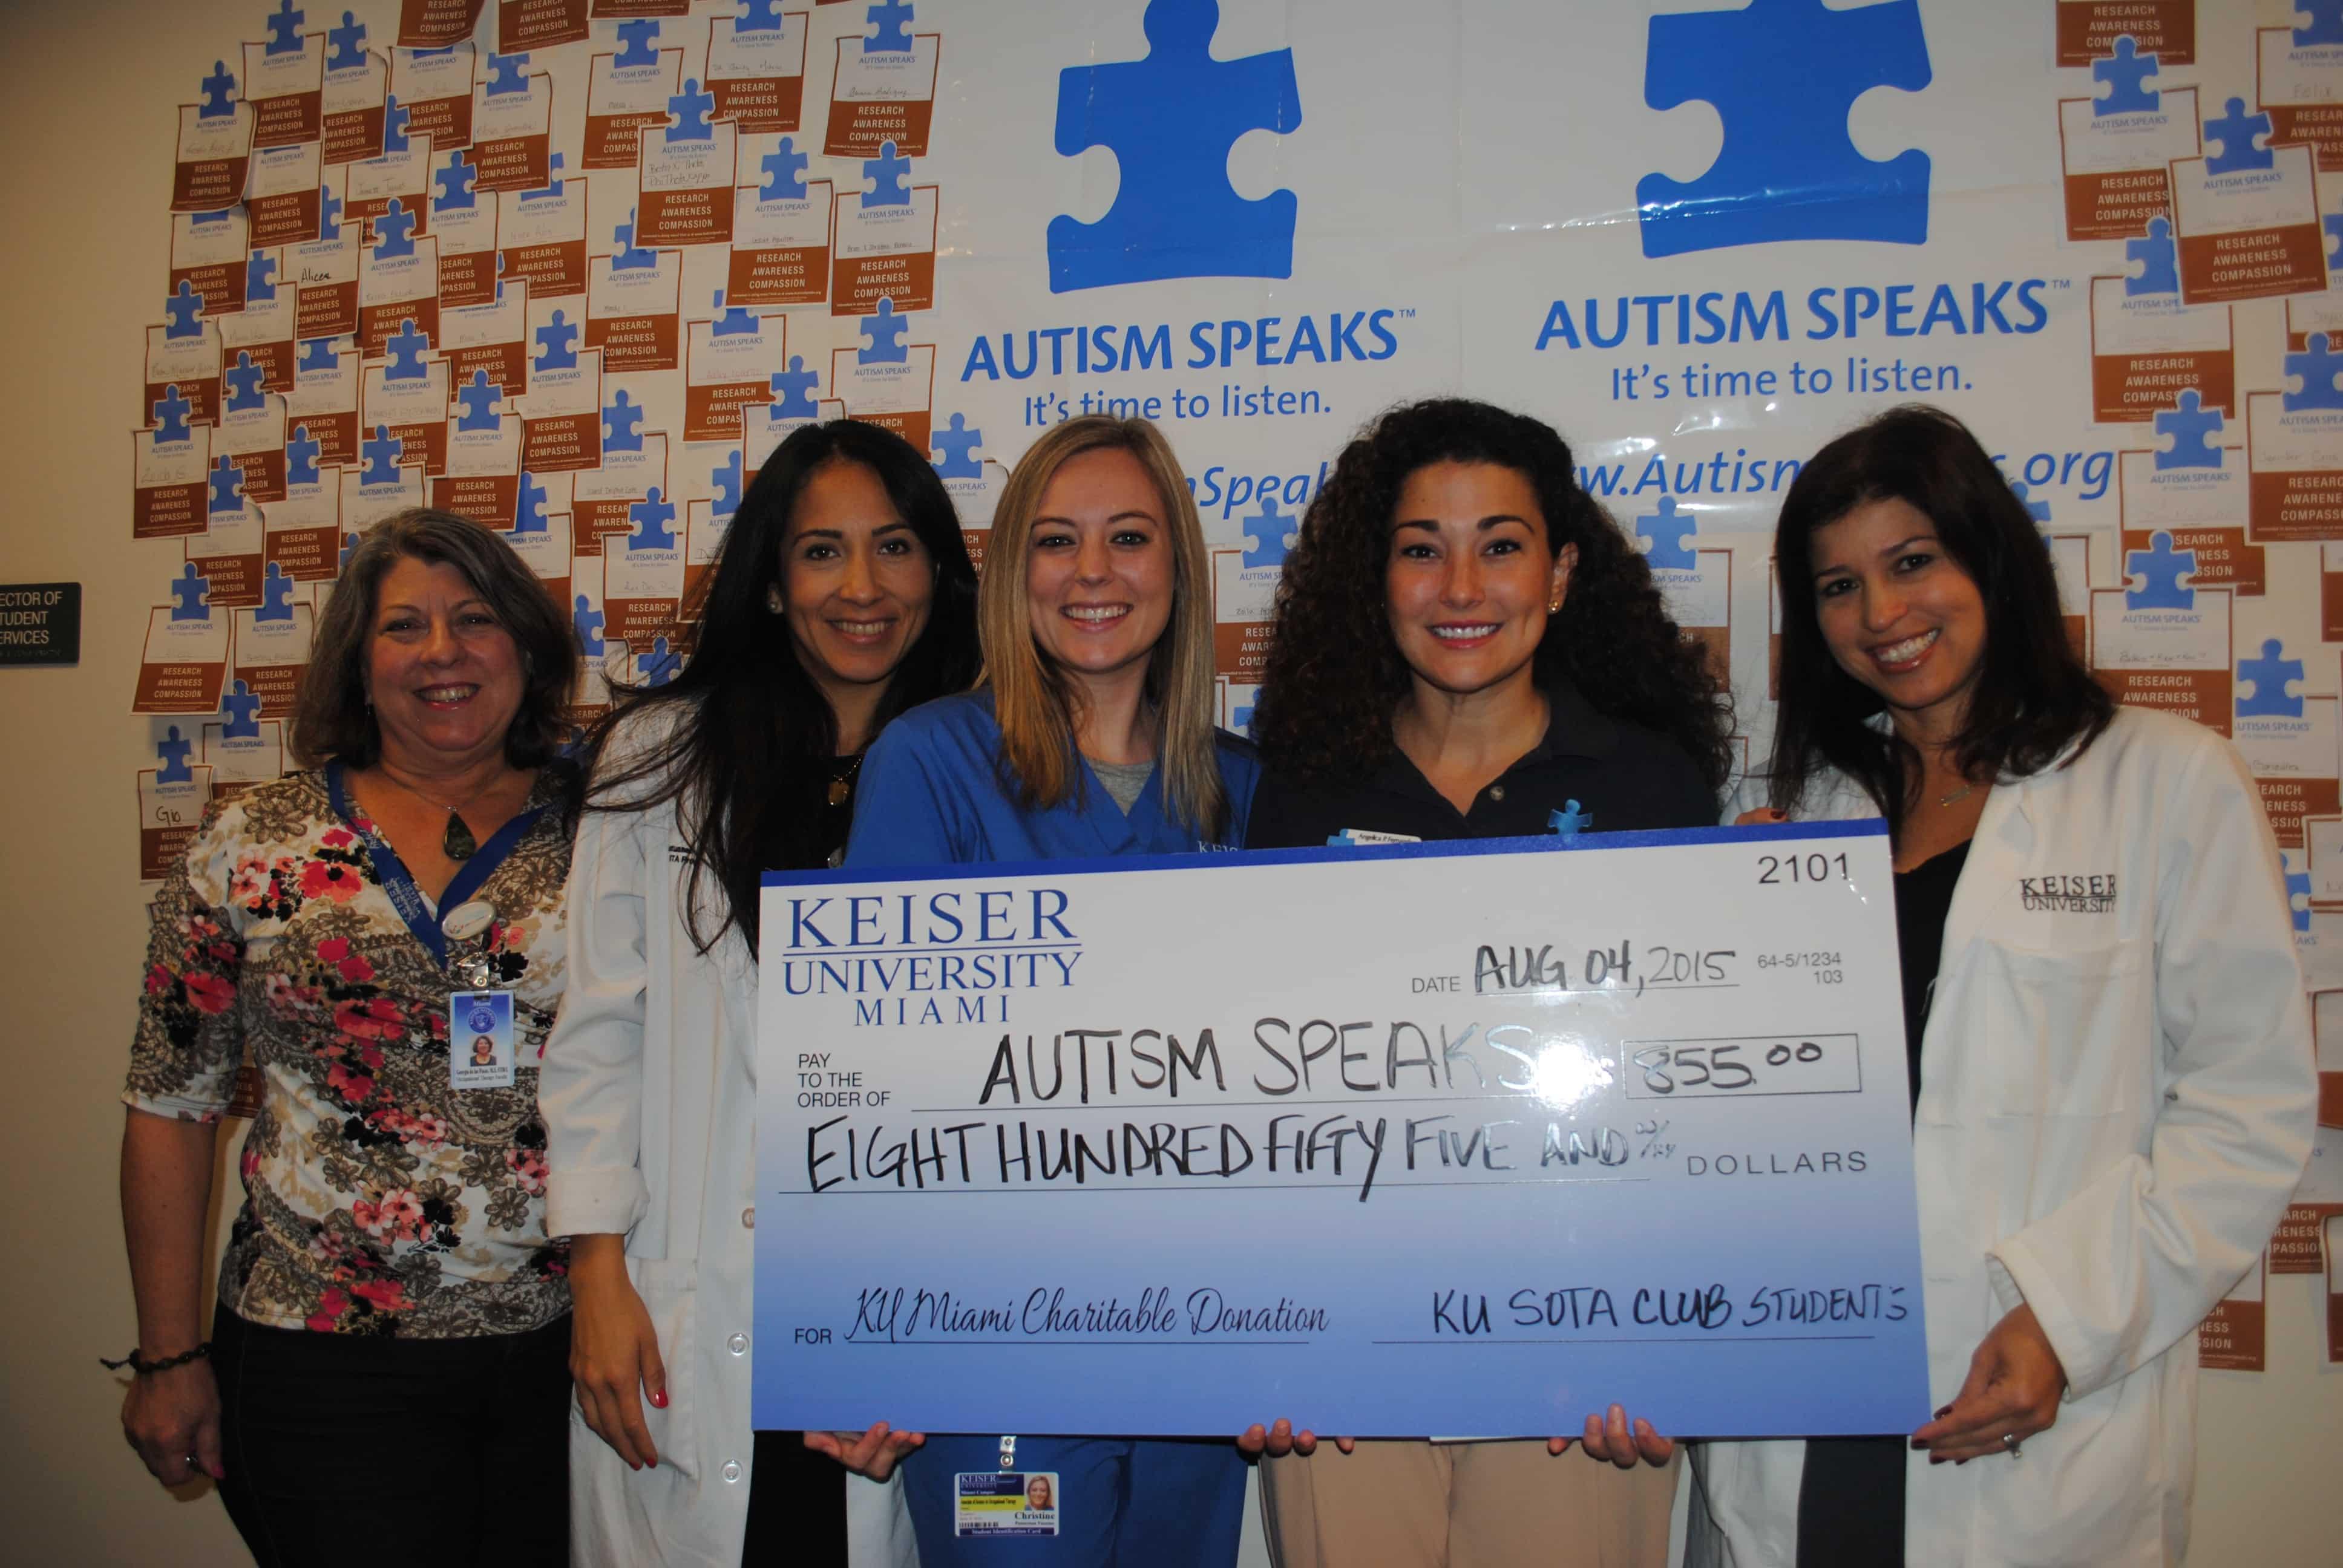 autism speaks job opportunities